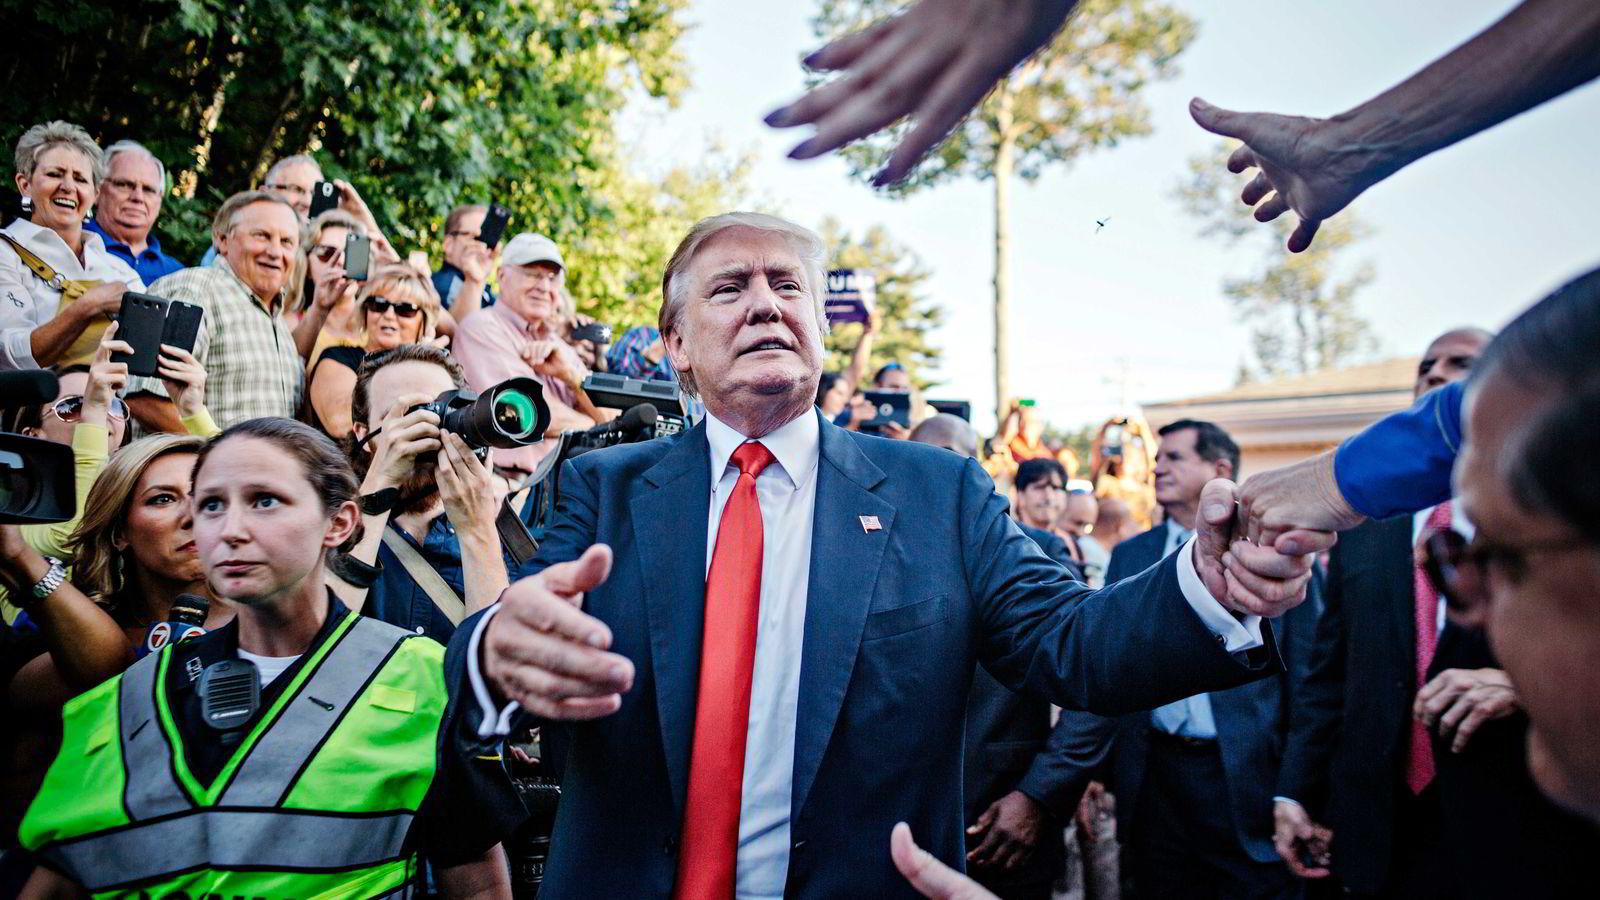 Donald Trump tar ingenting for å stemple meningsmotstandere som løgnere, menstruelle, stygge, dumme og inkompetente.